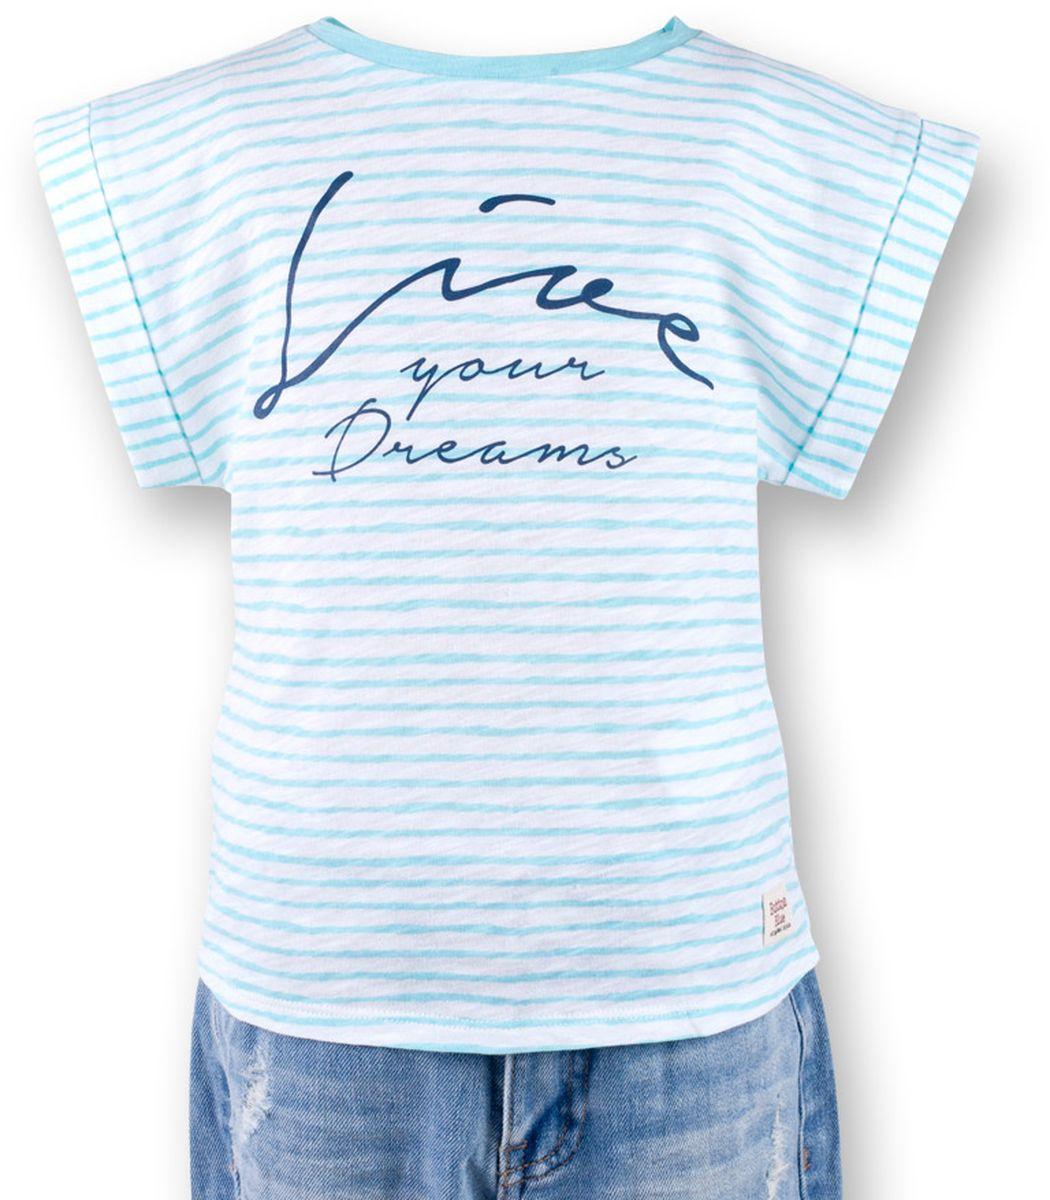 Футболка для девочки Button Blue Main, цвет: ментоловый. 117BBGC12022605. Размер 146, 11 лет117BBGC12022605Полосатая футболка - не только базовая вещь в гардеробе ребенка, но и залог хорошего летнего настроения. Если вы решили купить футболку для девочки, выберете модель футболки в полоску с оригинальным принтом, и ваш ребенок будет доволен.